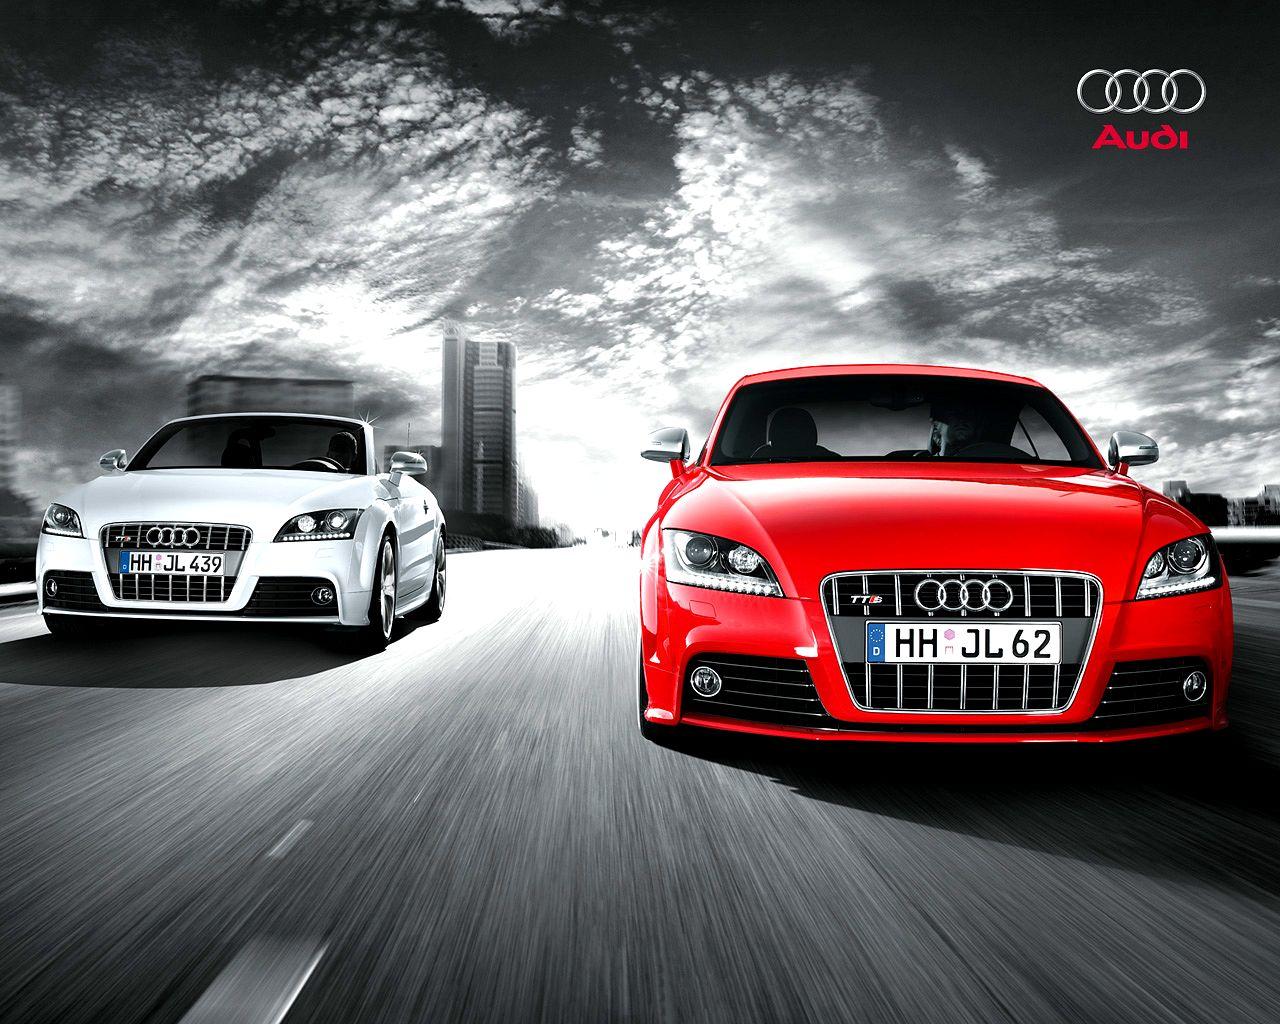 Hd Audi Car Wallpapers Nature Wallpaper